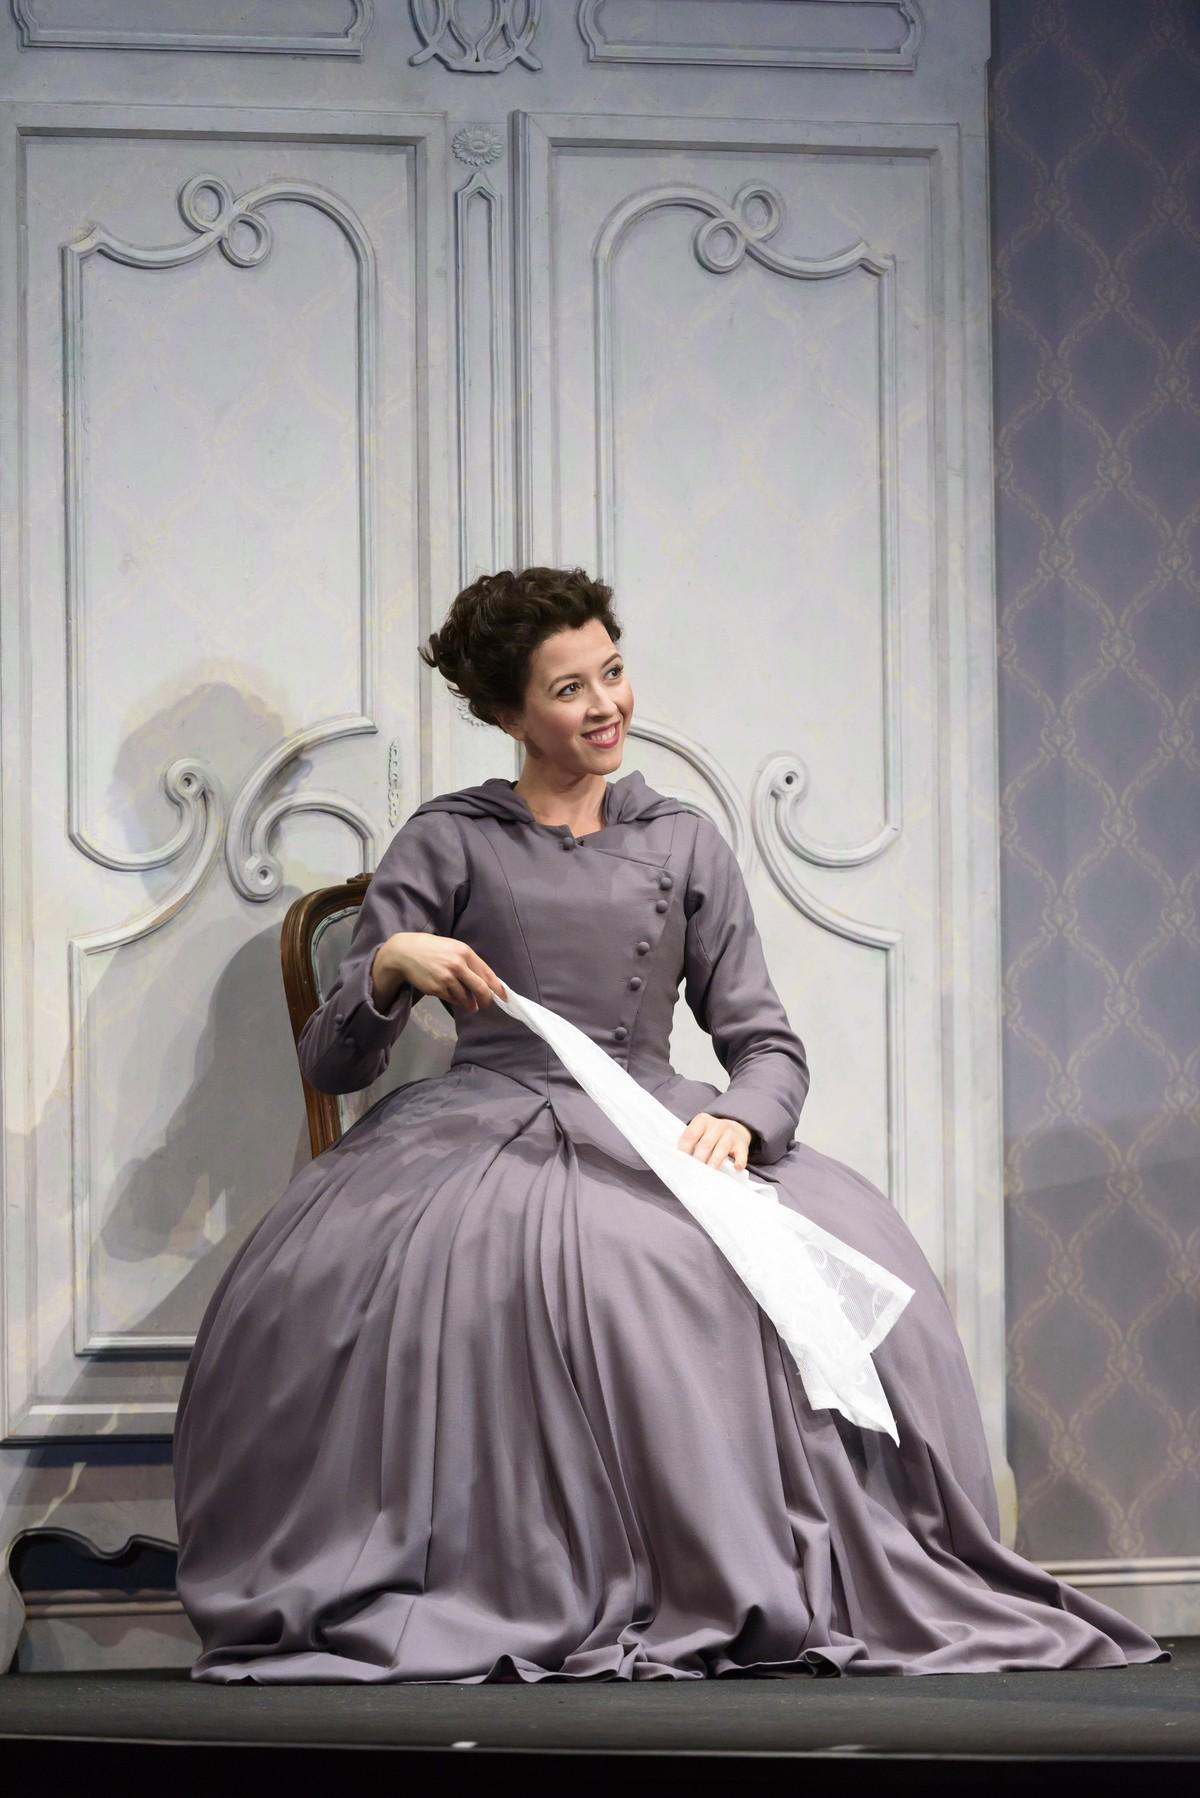 soprano singer vocal opera Lisette Oropesa Glyndebourne Norina bel canto stage performance